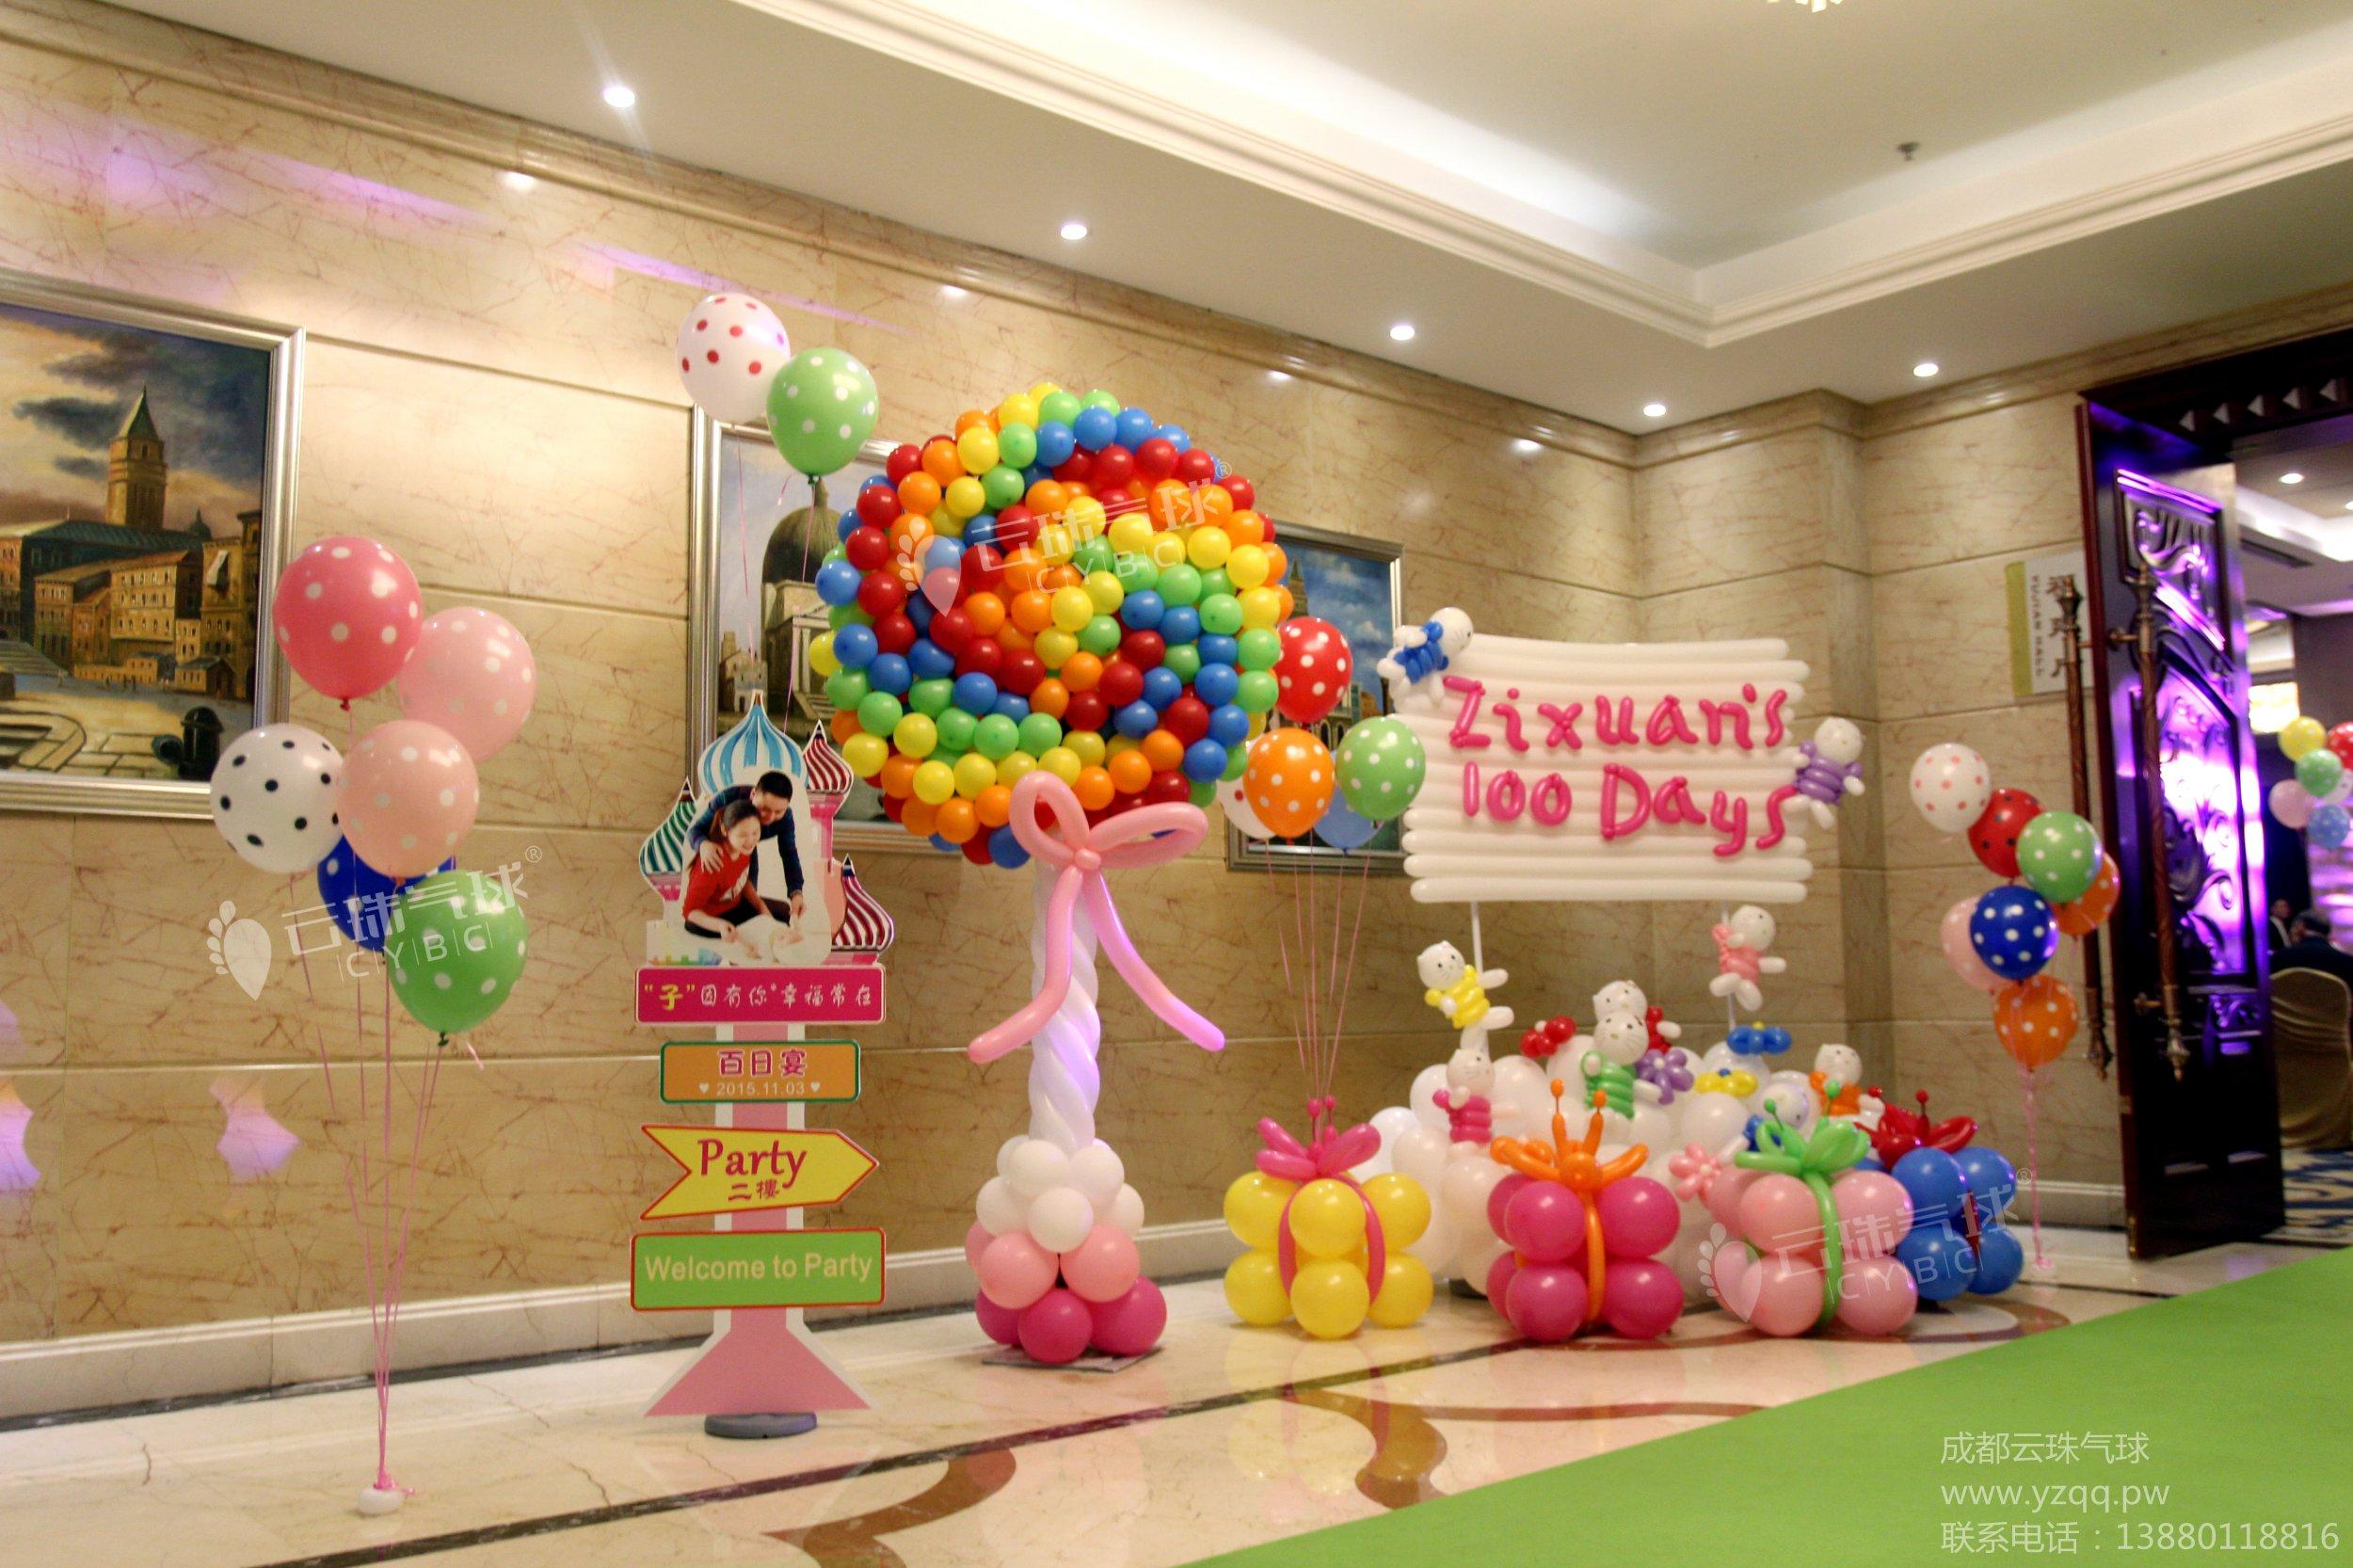 供应个性百日宴/气球百日宴/气球装饰/宝宝宴气球装饰